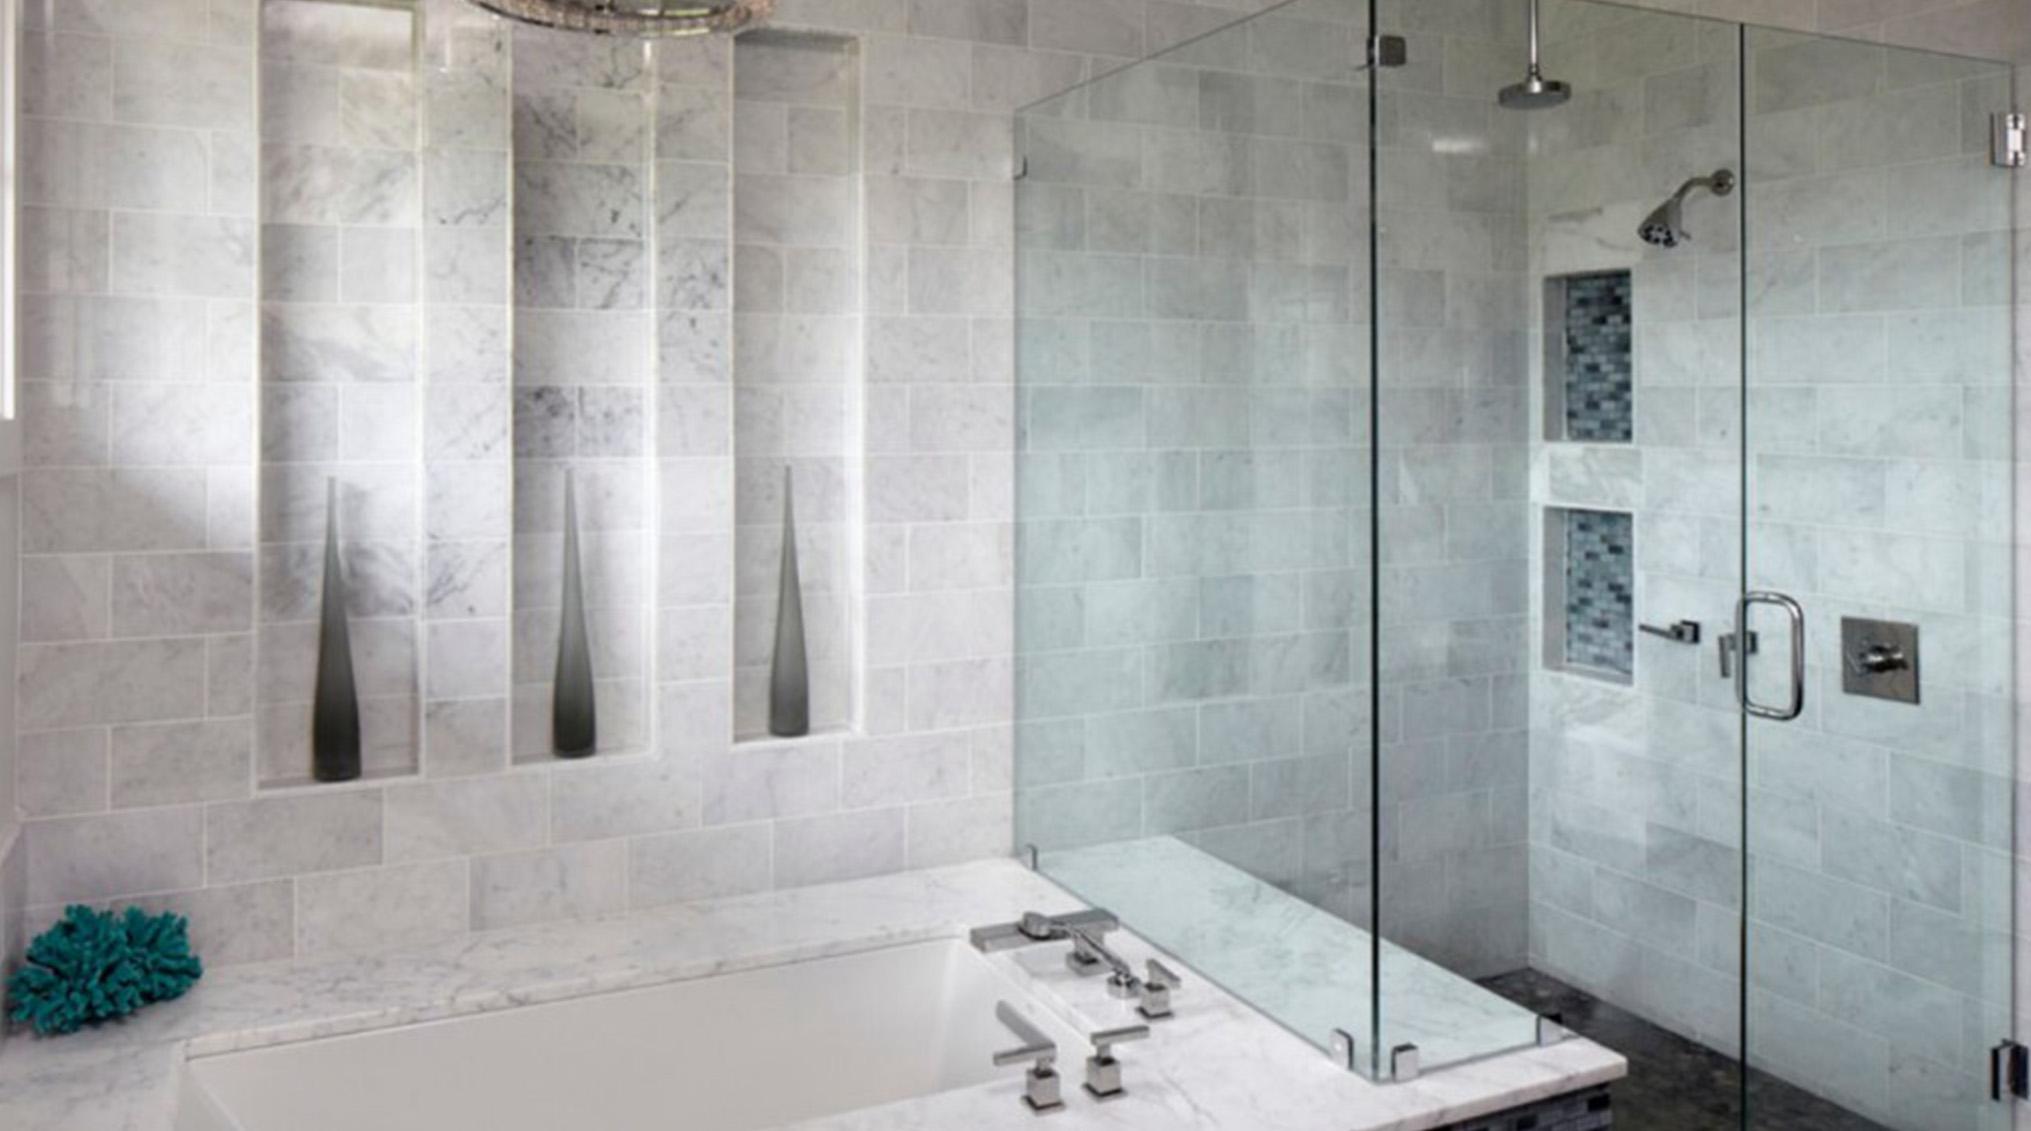 شیشه دور دوشی برای جلوگیری از رسوب کاشی و سرامیک حمام و سرویس بهداشتی